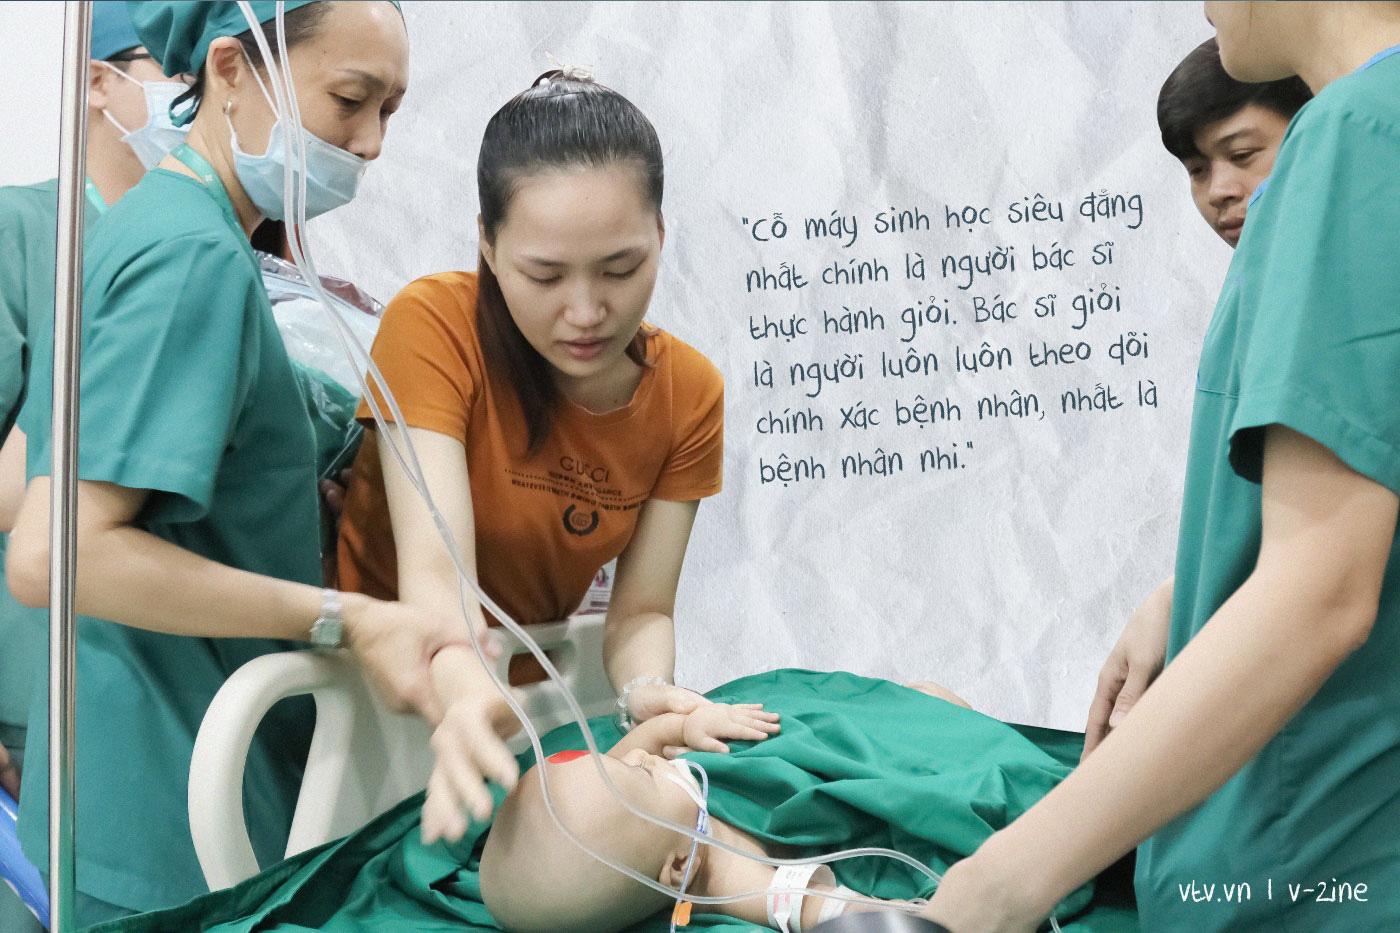 Từ kỳ tích Việt - Đức, Song Nhi đến ước mơ trẻ em ở đâu cũng được chăm sóc tốt nhất - Ảnh 16.